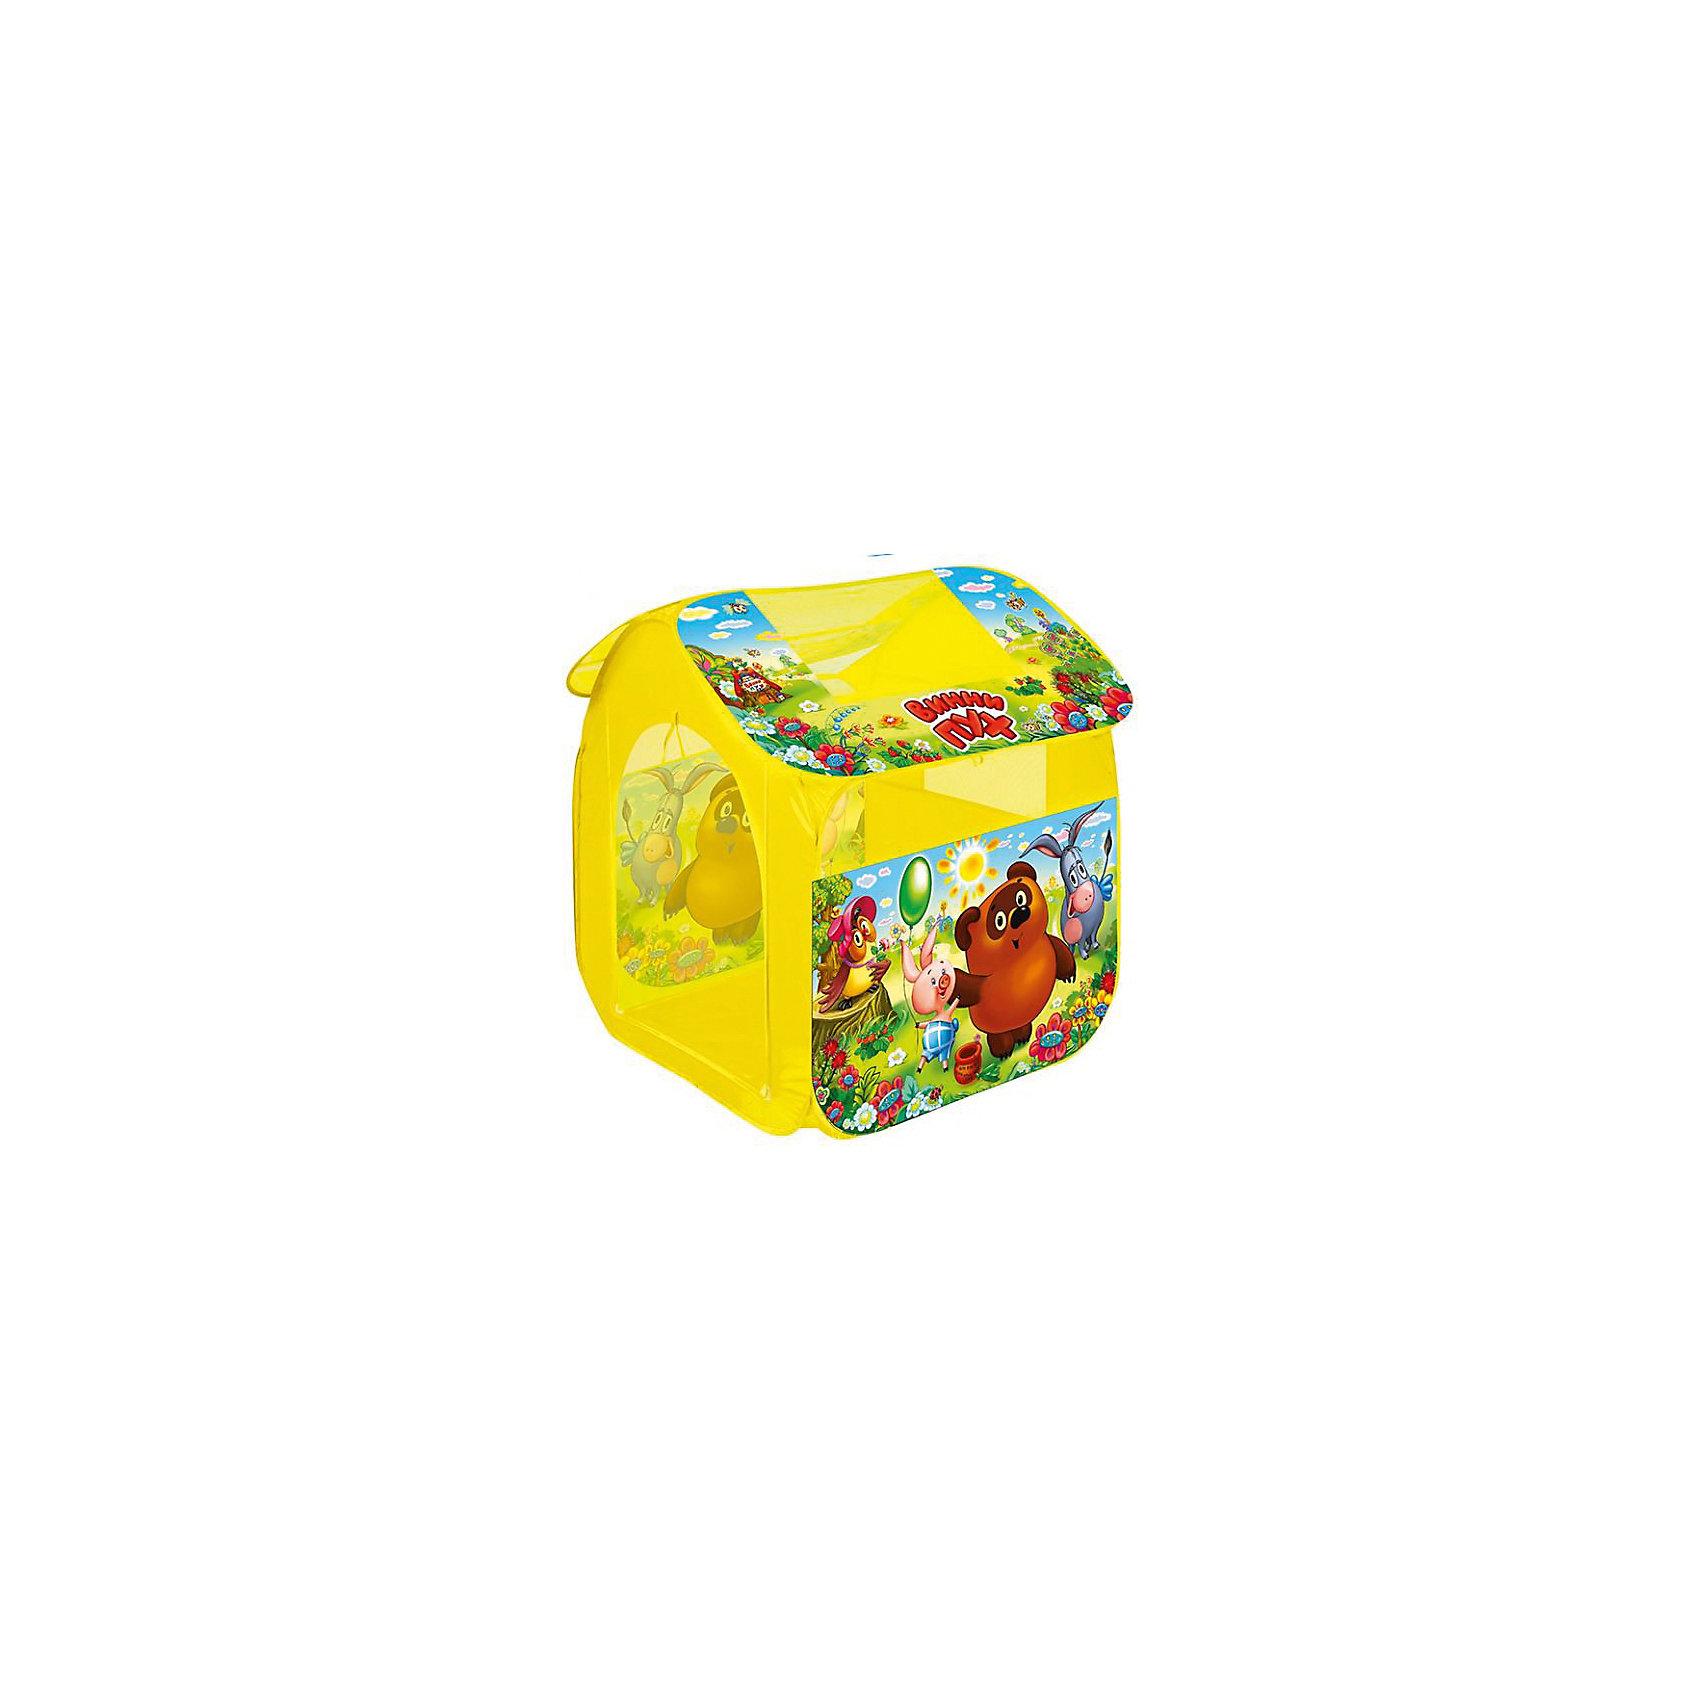 Палатка Винни Пух (большая), в сумке, Играем вместеПалатка Винни Пух, Играем вместе, станет чудесным подарком для Вашего ребенка. Красочная разноцветная палатка выполнена по мотивам популярного отечественного мультфильма о медвежонке Винни-Пухе и украшена изображениями его персонажей. Палатка оснащена дверью на липучке, окошками из сетчатого материала и большим окном для вентиляции на крыше палатки. Благодаря самораскладывающемуся каркасу-спирали палатка легко собирается и складывается. Этот замечательный игровой домик поможет Вашему ребенку создать свой уютный уголок для игр как в помещении, так и на улице. Палатка компактно складывается в небольшую сумочку, поэтому ее удобно брать с собой на прогулку или в поездку. Выполнена из прочного, водонепроницаемого, моющегося материала. Яркая палатка будет чудесным местом для самостоятельной игры ребёнка и отлично подойдёт для сюжетно-ролевых игр. <br><br>Дополнительная информация:<br><br>- Материал: текстиль. <br>- Размер палатки: 83 х 80 х 105 см.<br>- Размер упаковки: 40 x 40 x 3 см.<br>- Вес с упаковкой: 0,71 кг. <br><br>Палатку Винни Пух (большая), в сумке, Играем вместе, можно купить в нашем интернет-магазине.<br><br>Ширина мм: 400<br>Глубина мм: 400<br>Высота мм: 30<br>Вес г: 710<br>Возраст от месяцев: 36<br>Возраст до месяцев: 120<br>Пол: Унисекс<br>Возраст: Детский<br>SKU: 4546558